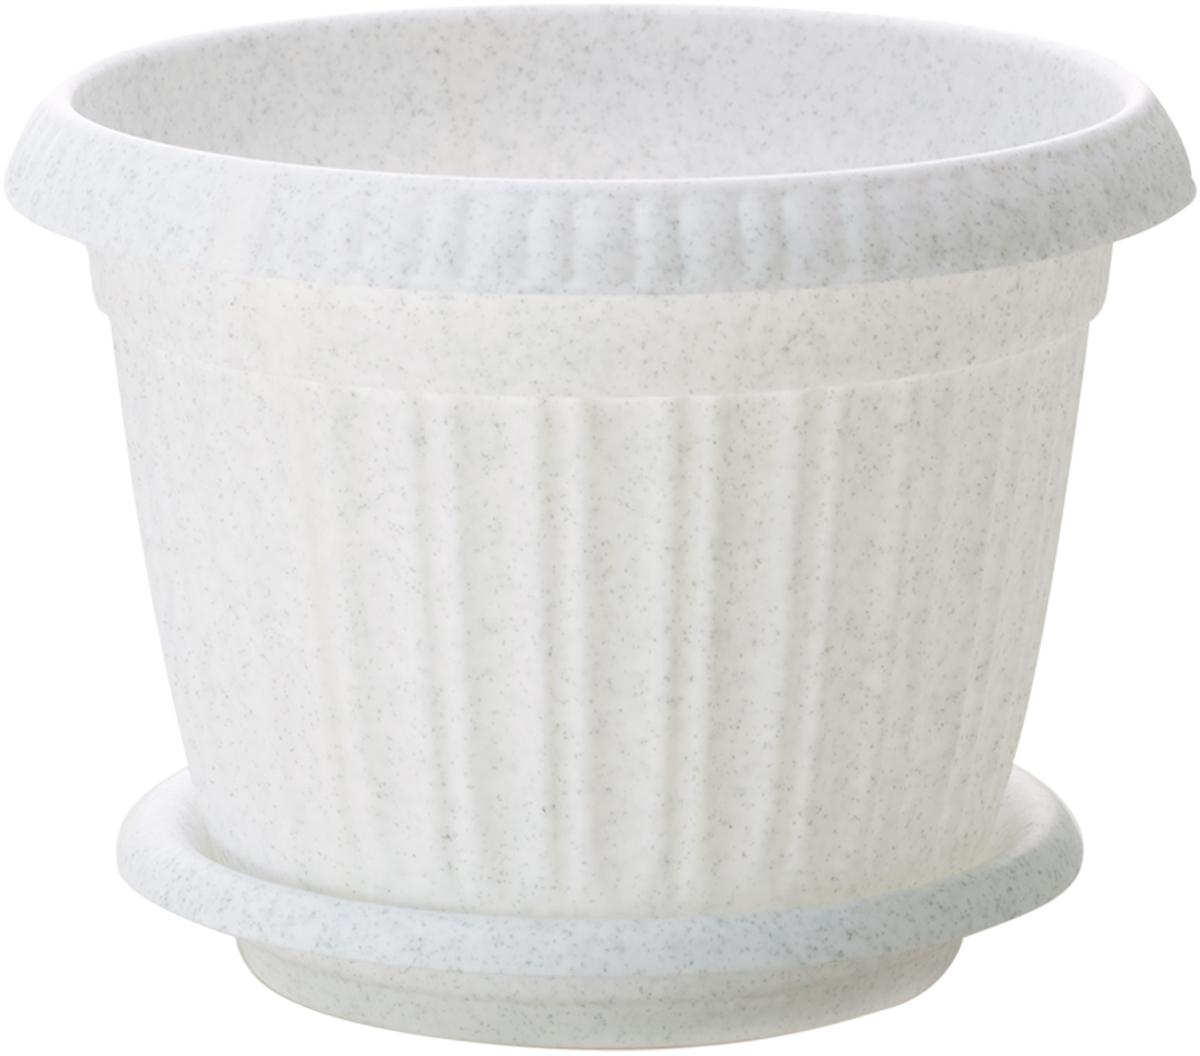 Горшок для цветов InGreen Таити, с подставкой, цвет: мраморный, диаметр 18 смING41018FМРГоршок InGreen Таити, выполненный из высококачественного полипропилена (пластика), предназначен для выращивания комнатных цветов, растений и трав. Специальная конструкция обеспечивает вентиляцию в корневой системе растения, а дренажные отверстия позволяют выходить лишней влаге из почвы. Такой горшок порадует вас современным дизайном и функциональностью, а также оригинально украсит интерьер любого помещения. Диаметр горшка (по верхнему краю): 18 см. Высота горшка: 13,8 см.